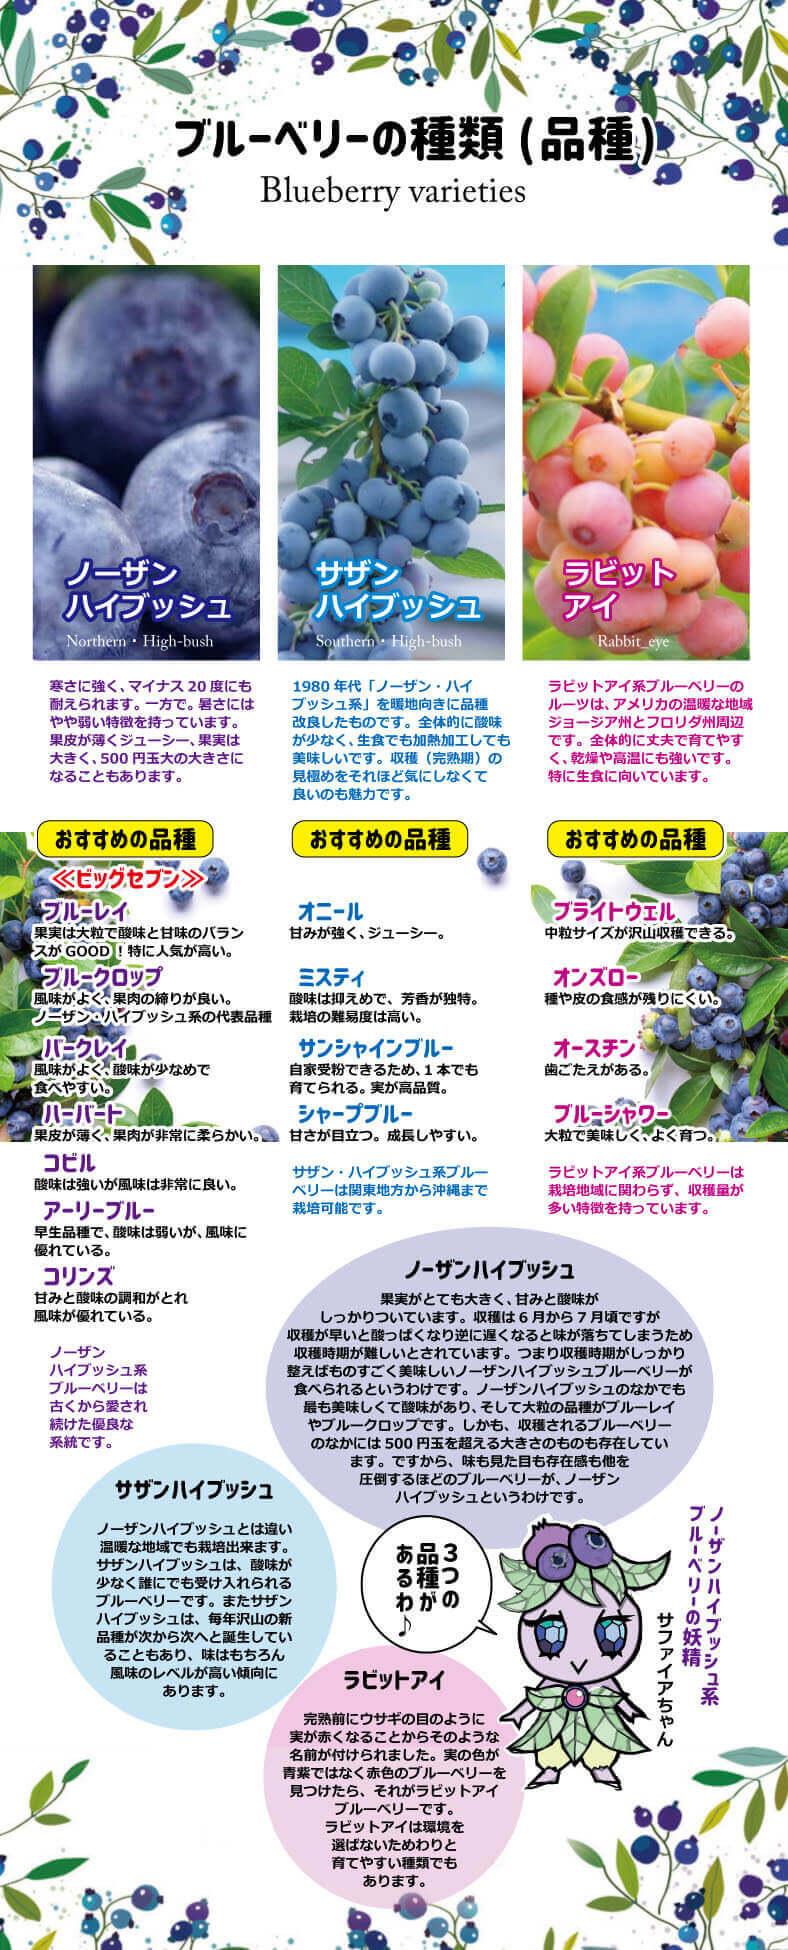 ブルーベリーの品種の紹介